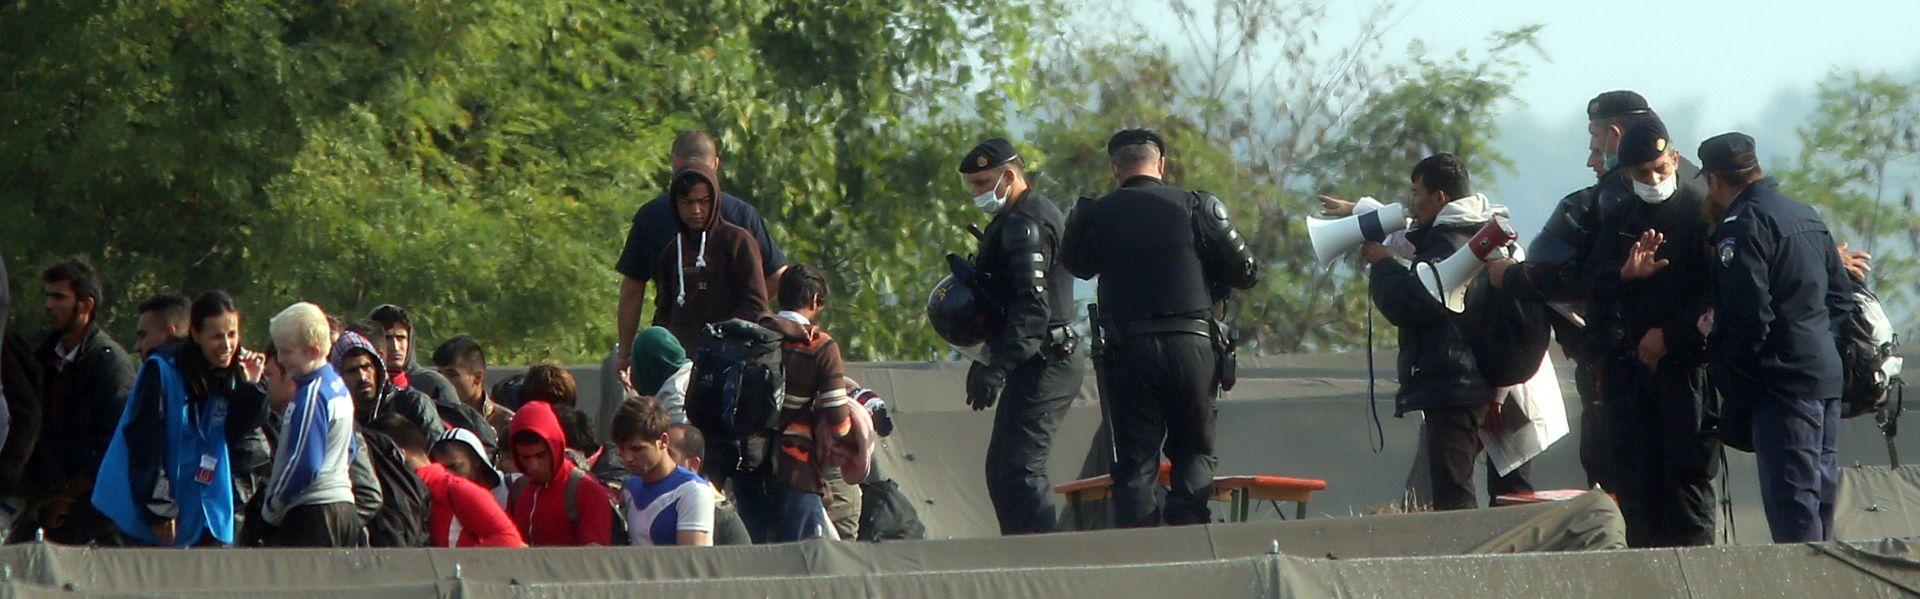 UŽIVO: BLOKADE NEMA ALI… Pritisak na Strošince, udar na Dubrovnik, Ostojić proziva Srbiju?